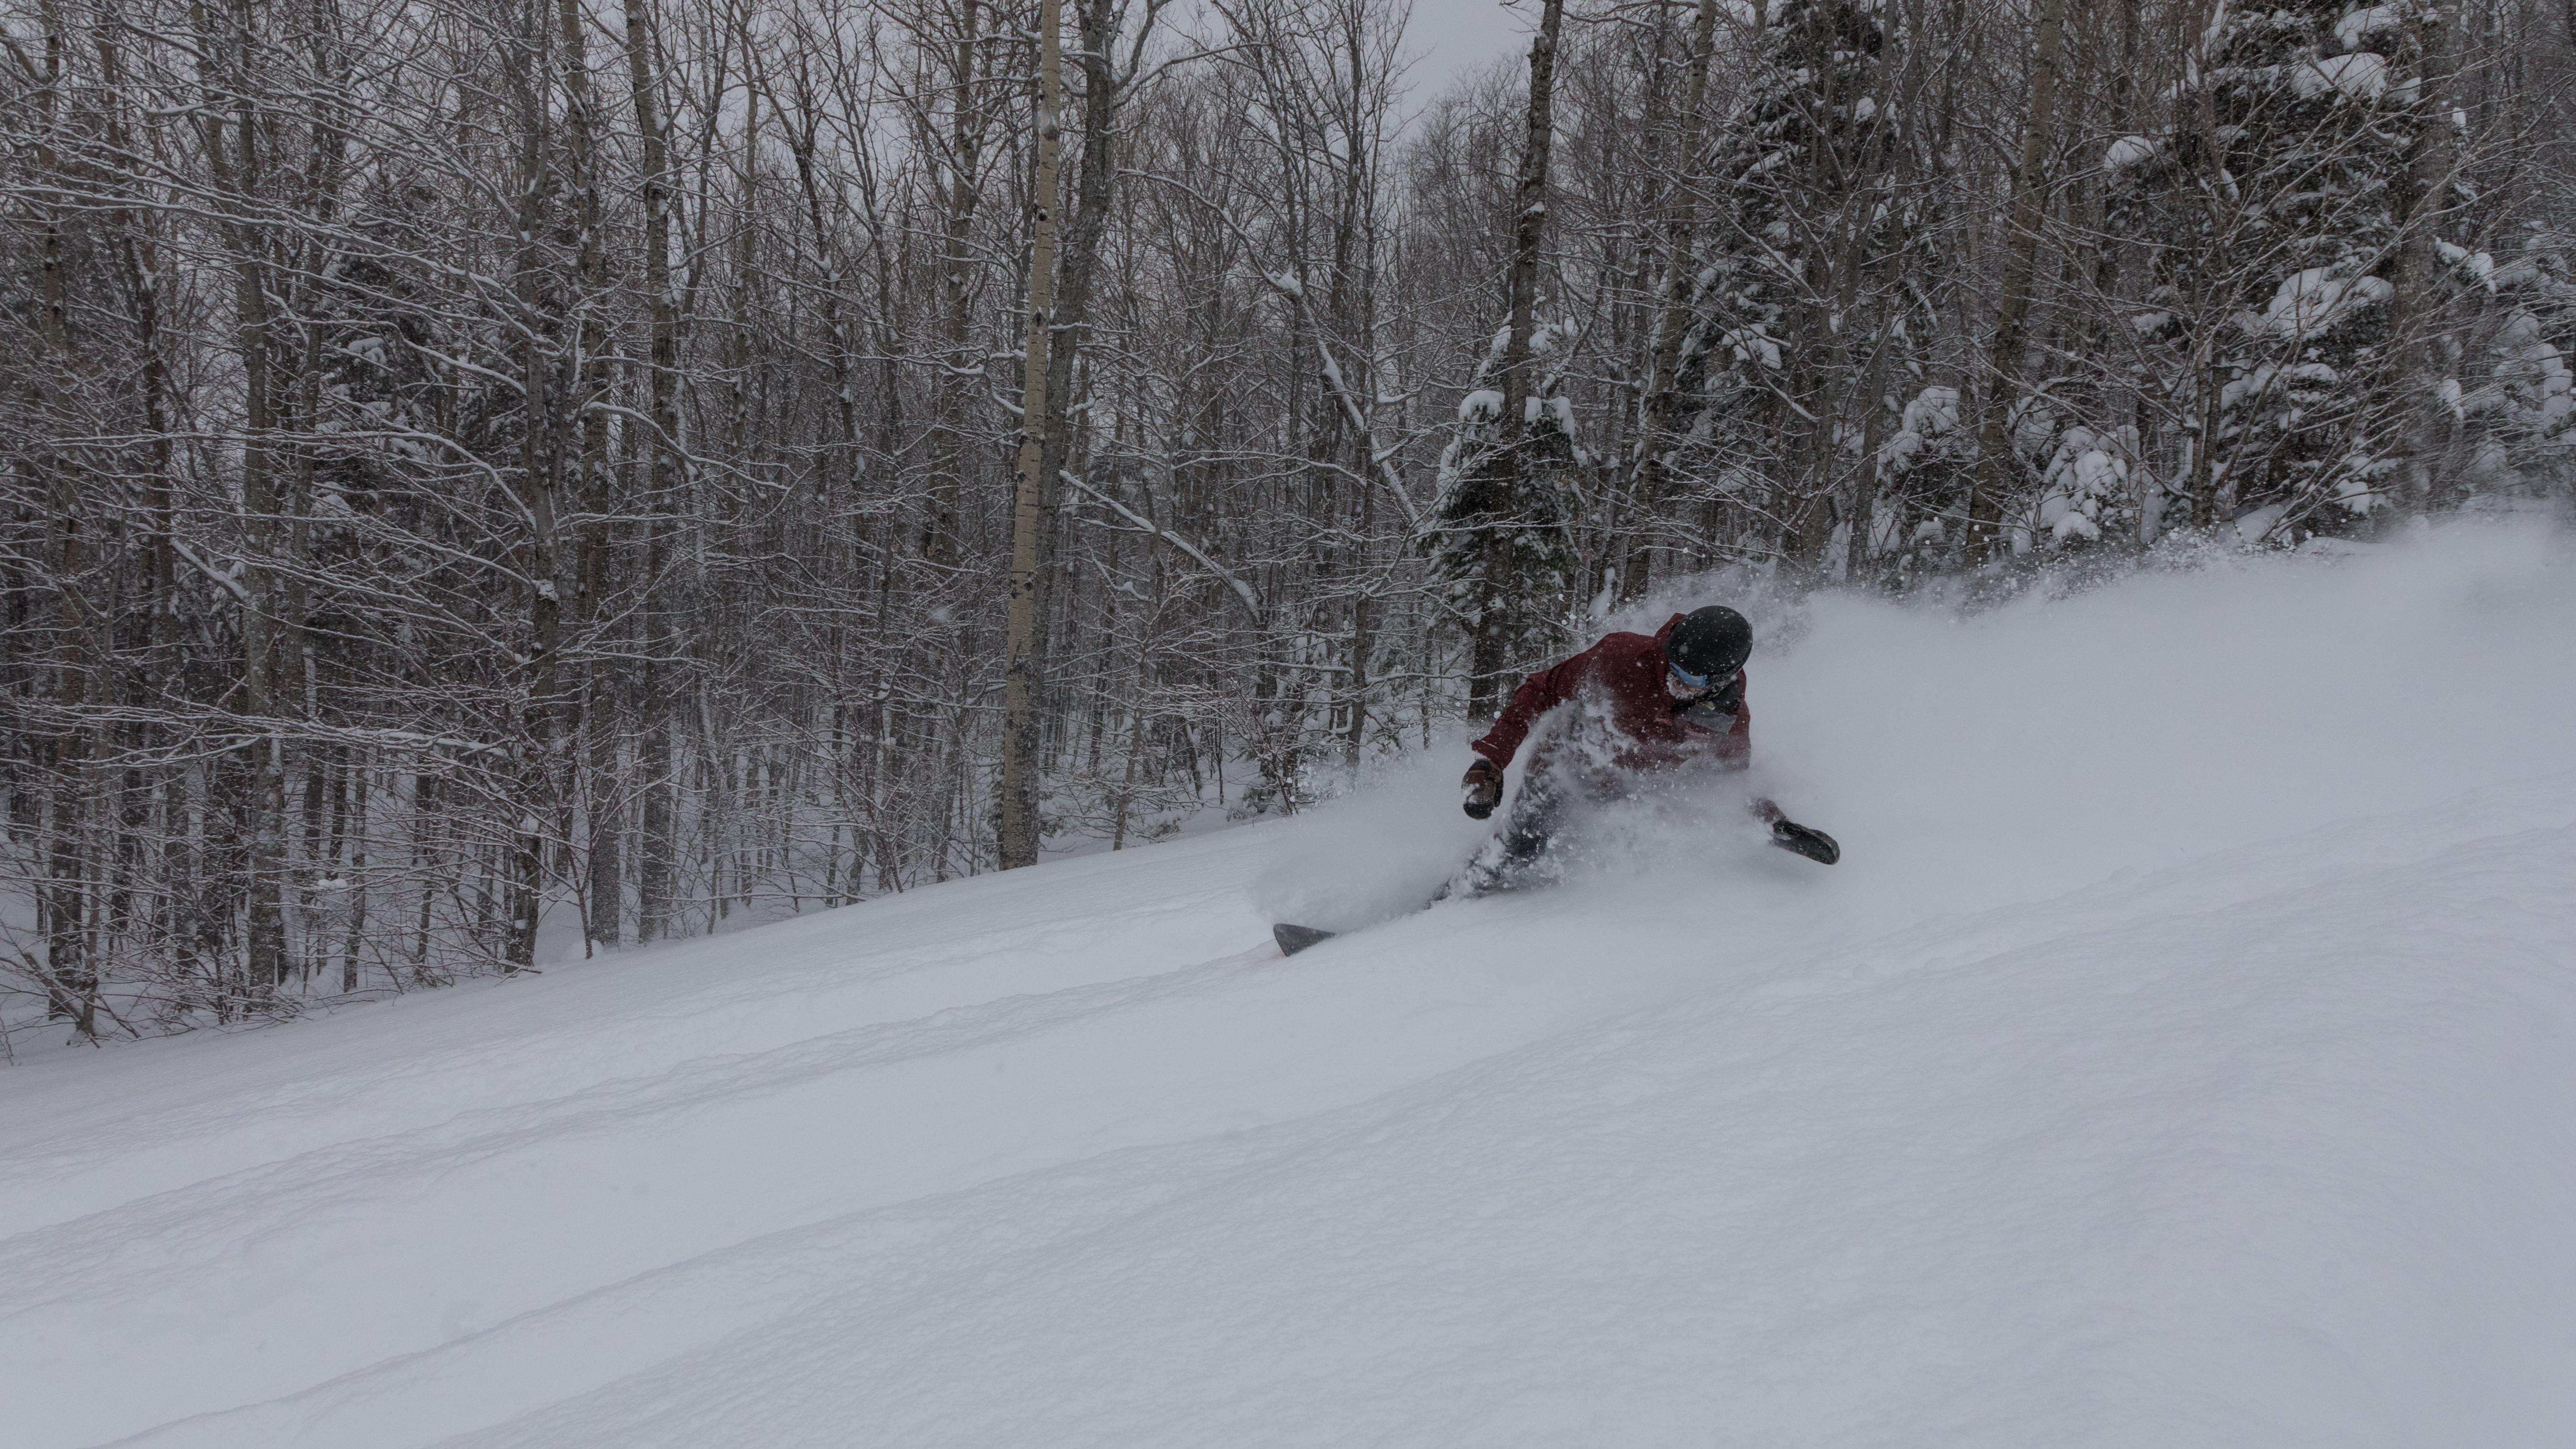 powday, Le Massif Ski Area